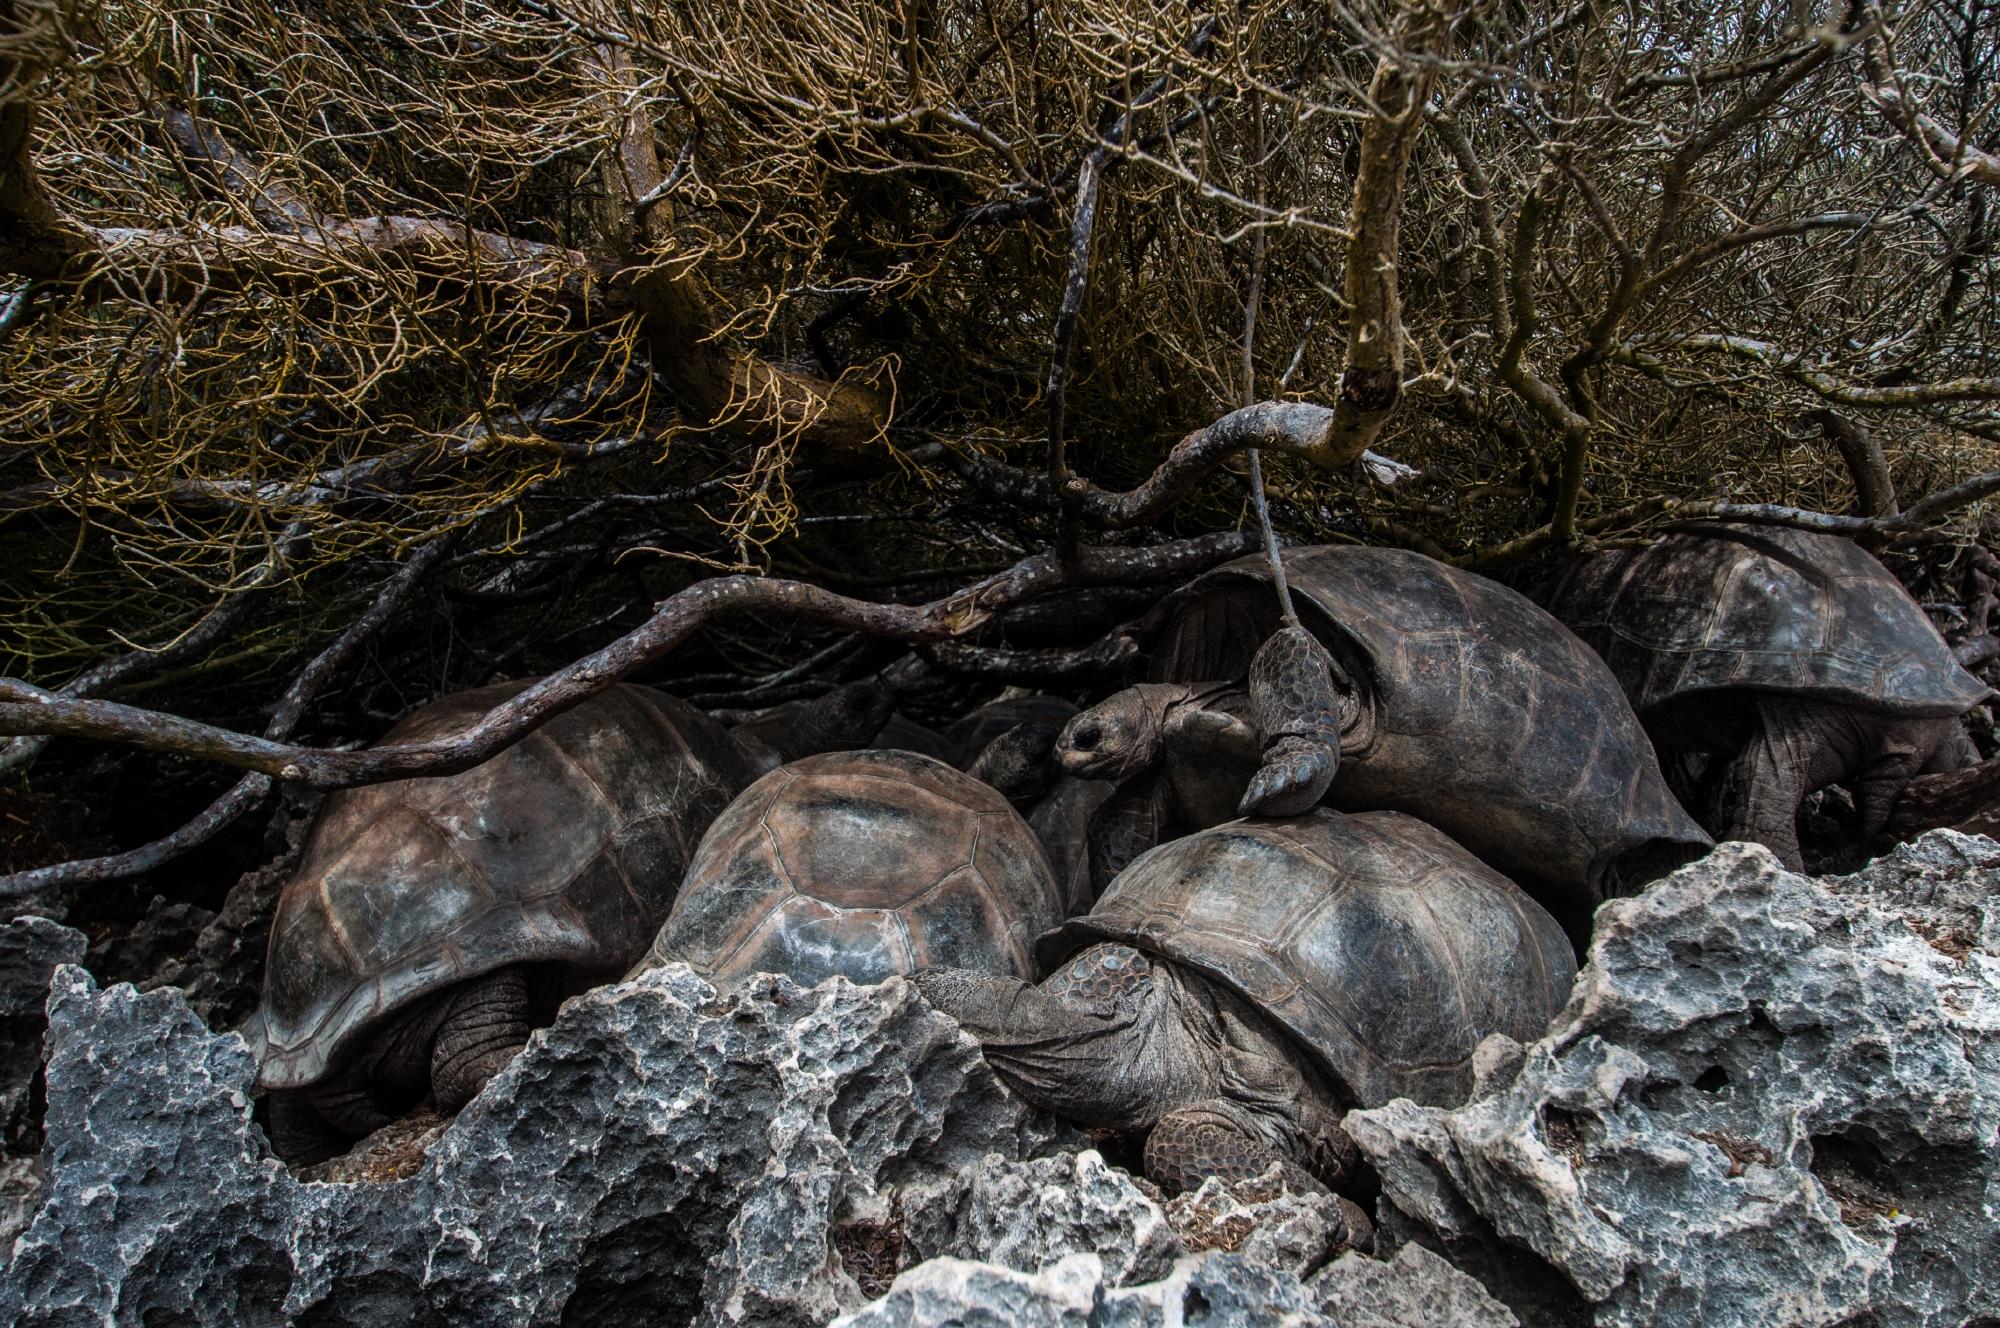 Aldabra tortoises